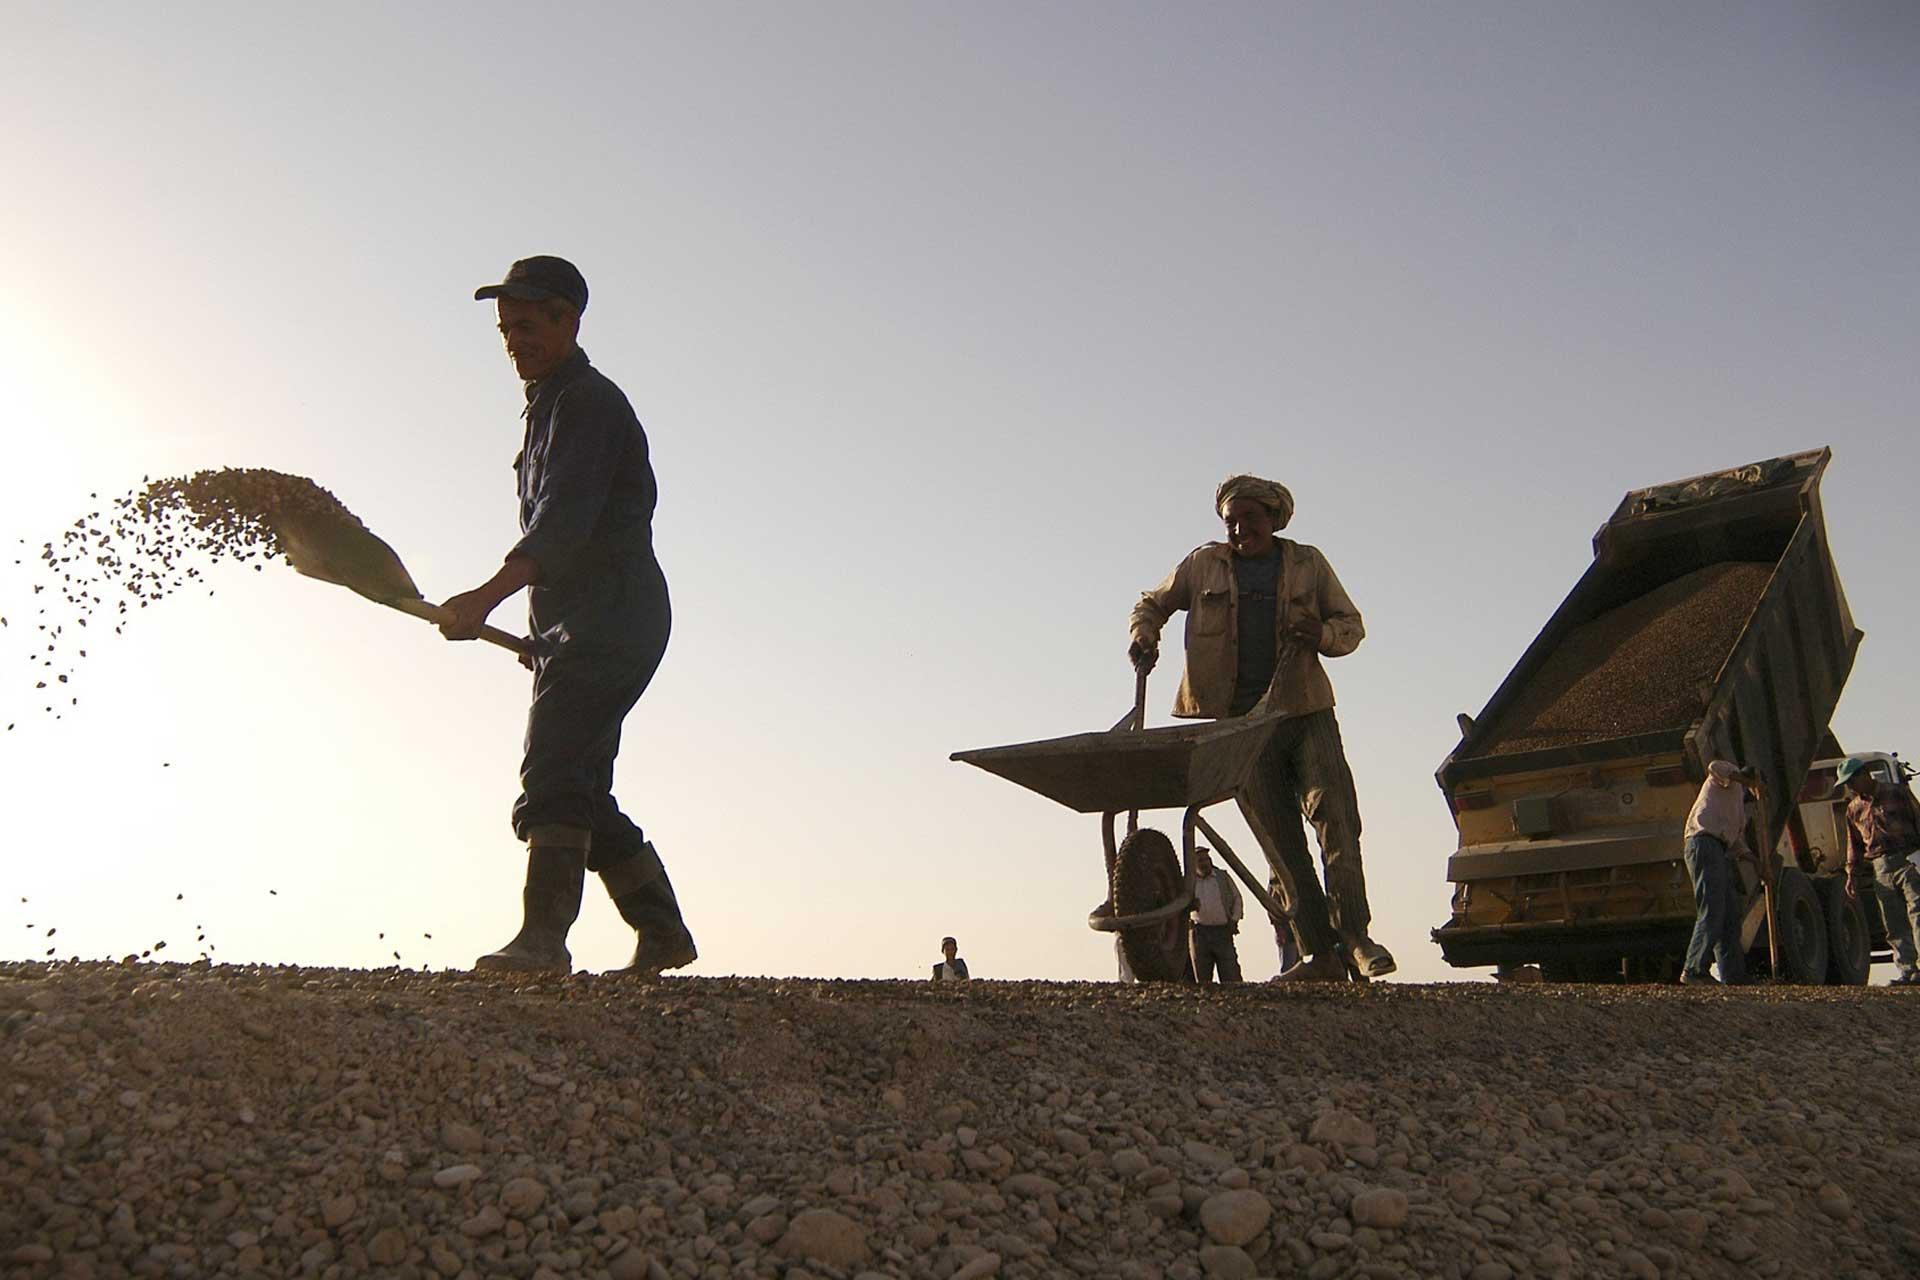 युएईको एउटै कम्पनीबाट २५ सय नेपालीले गुमाए रोजगारी